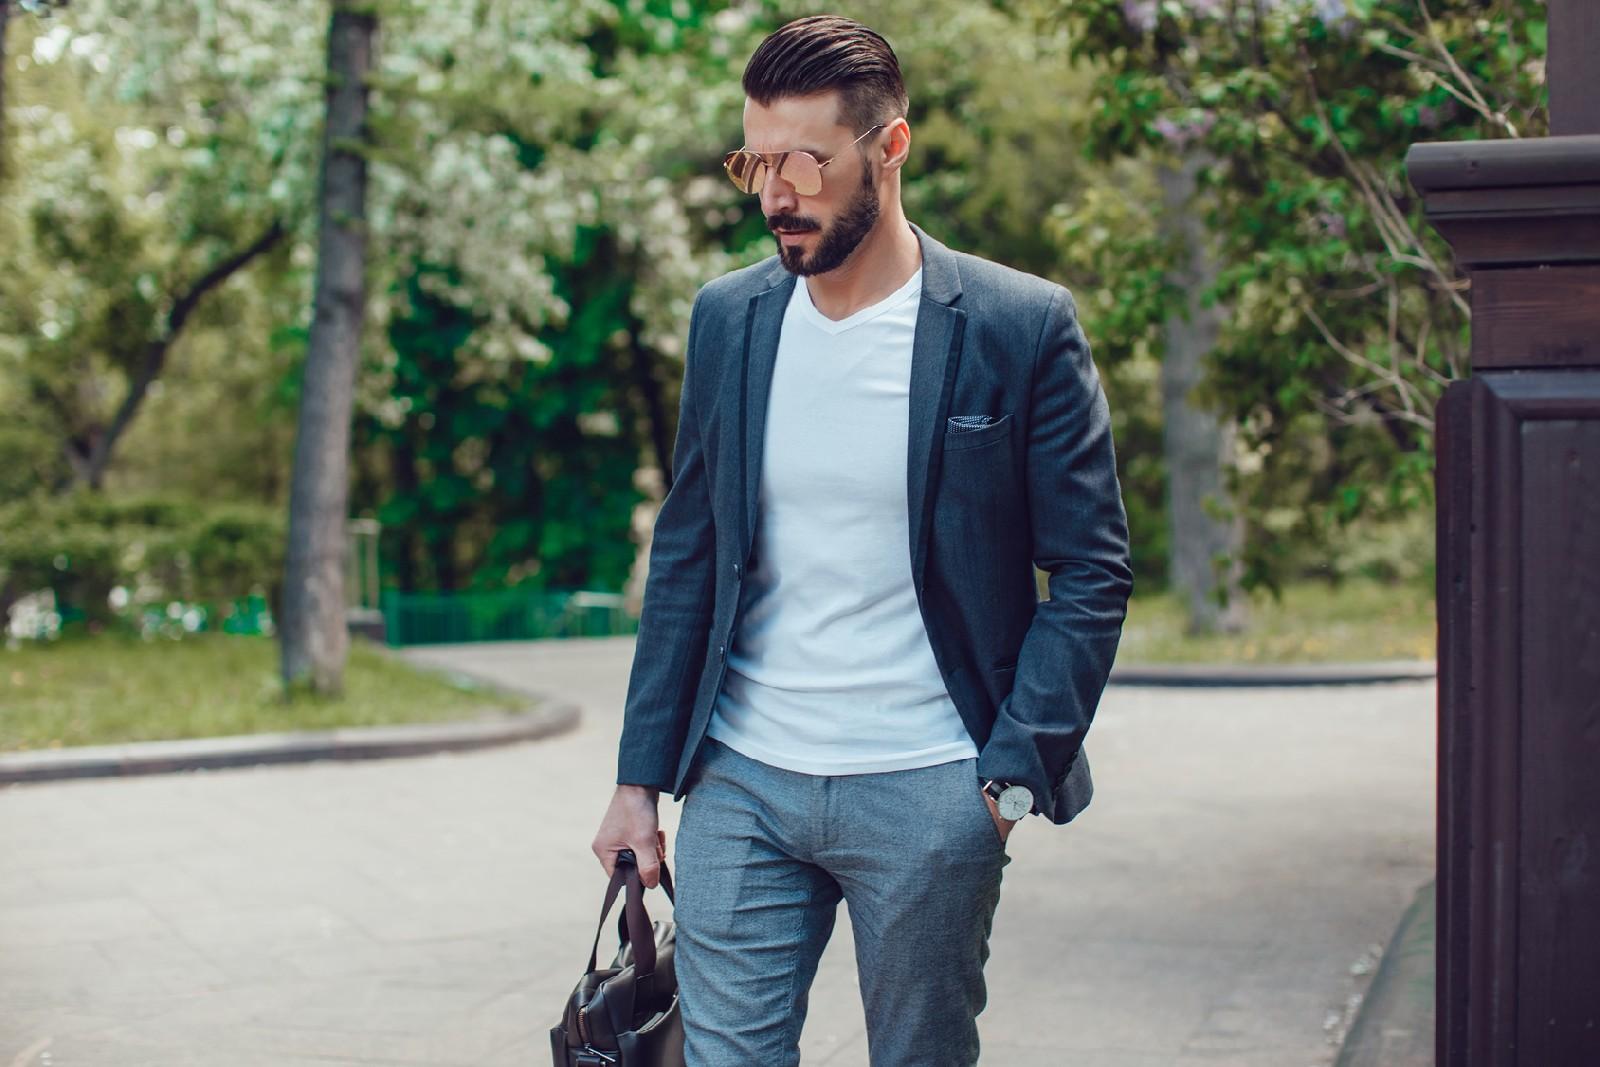 Moda męska na wiosnę 2018. Co mężczyzna powinien mieć w swojej szafie?